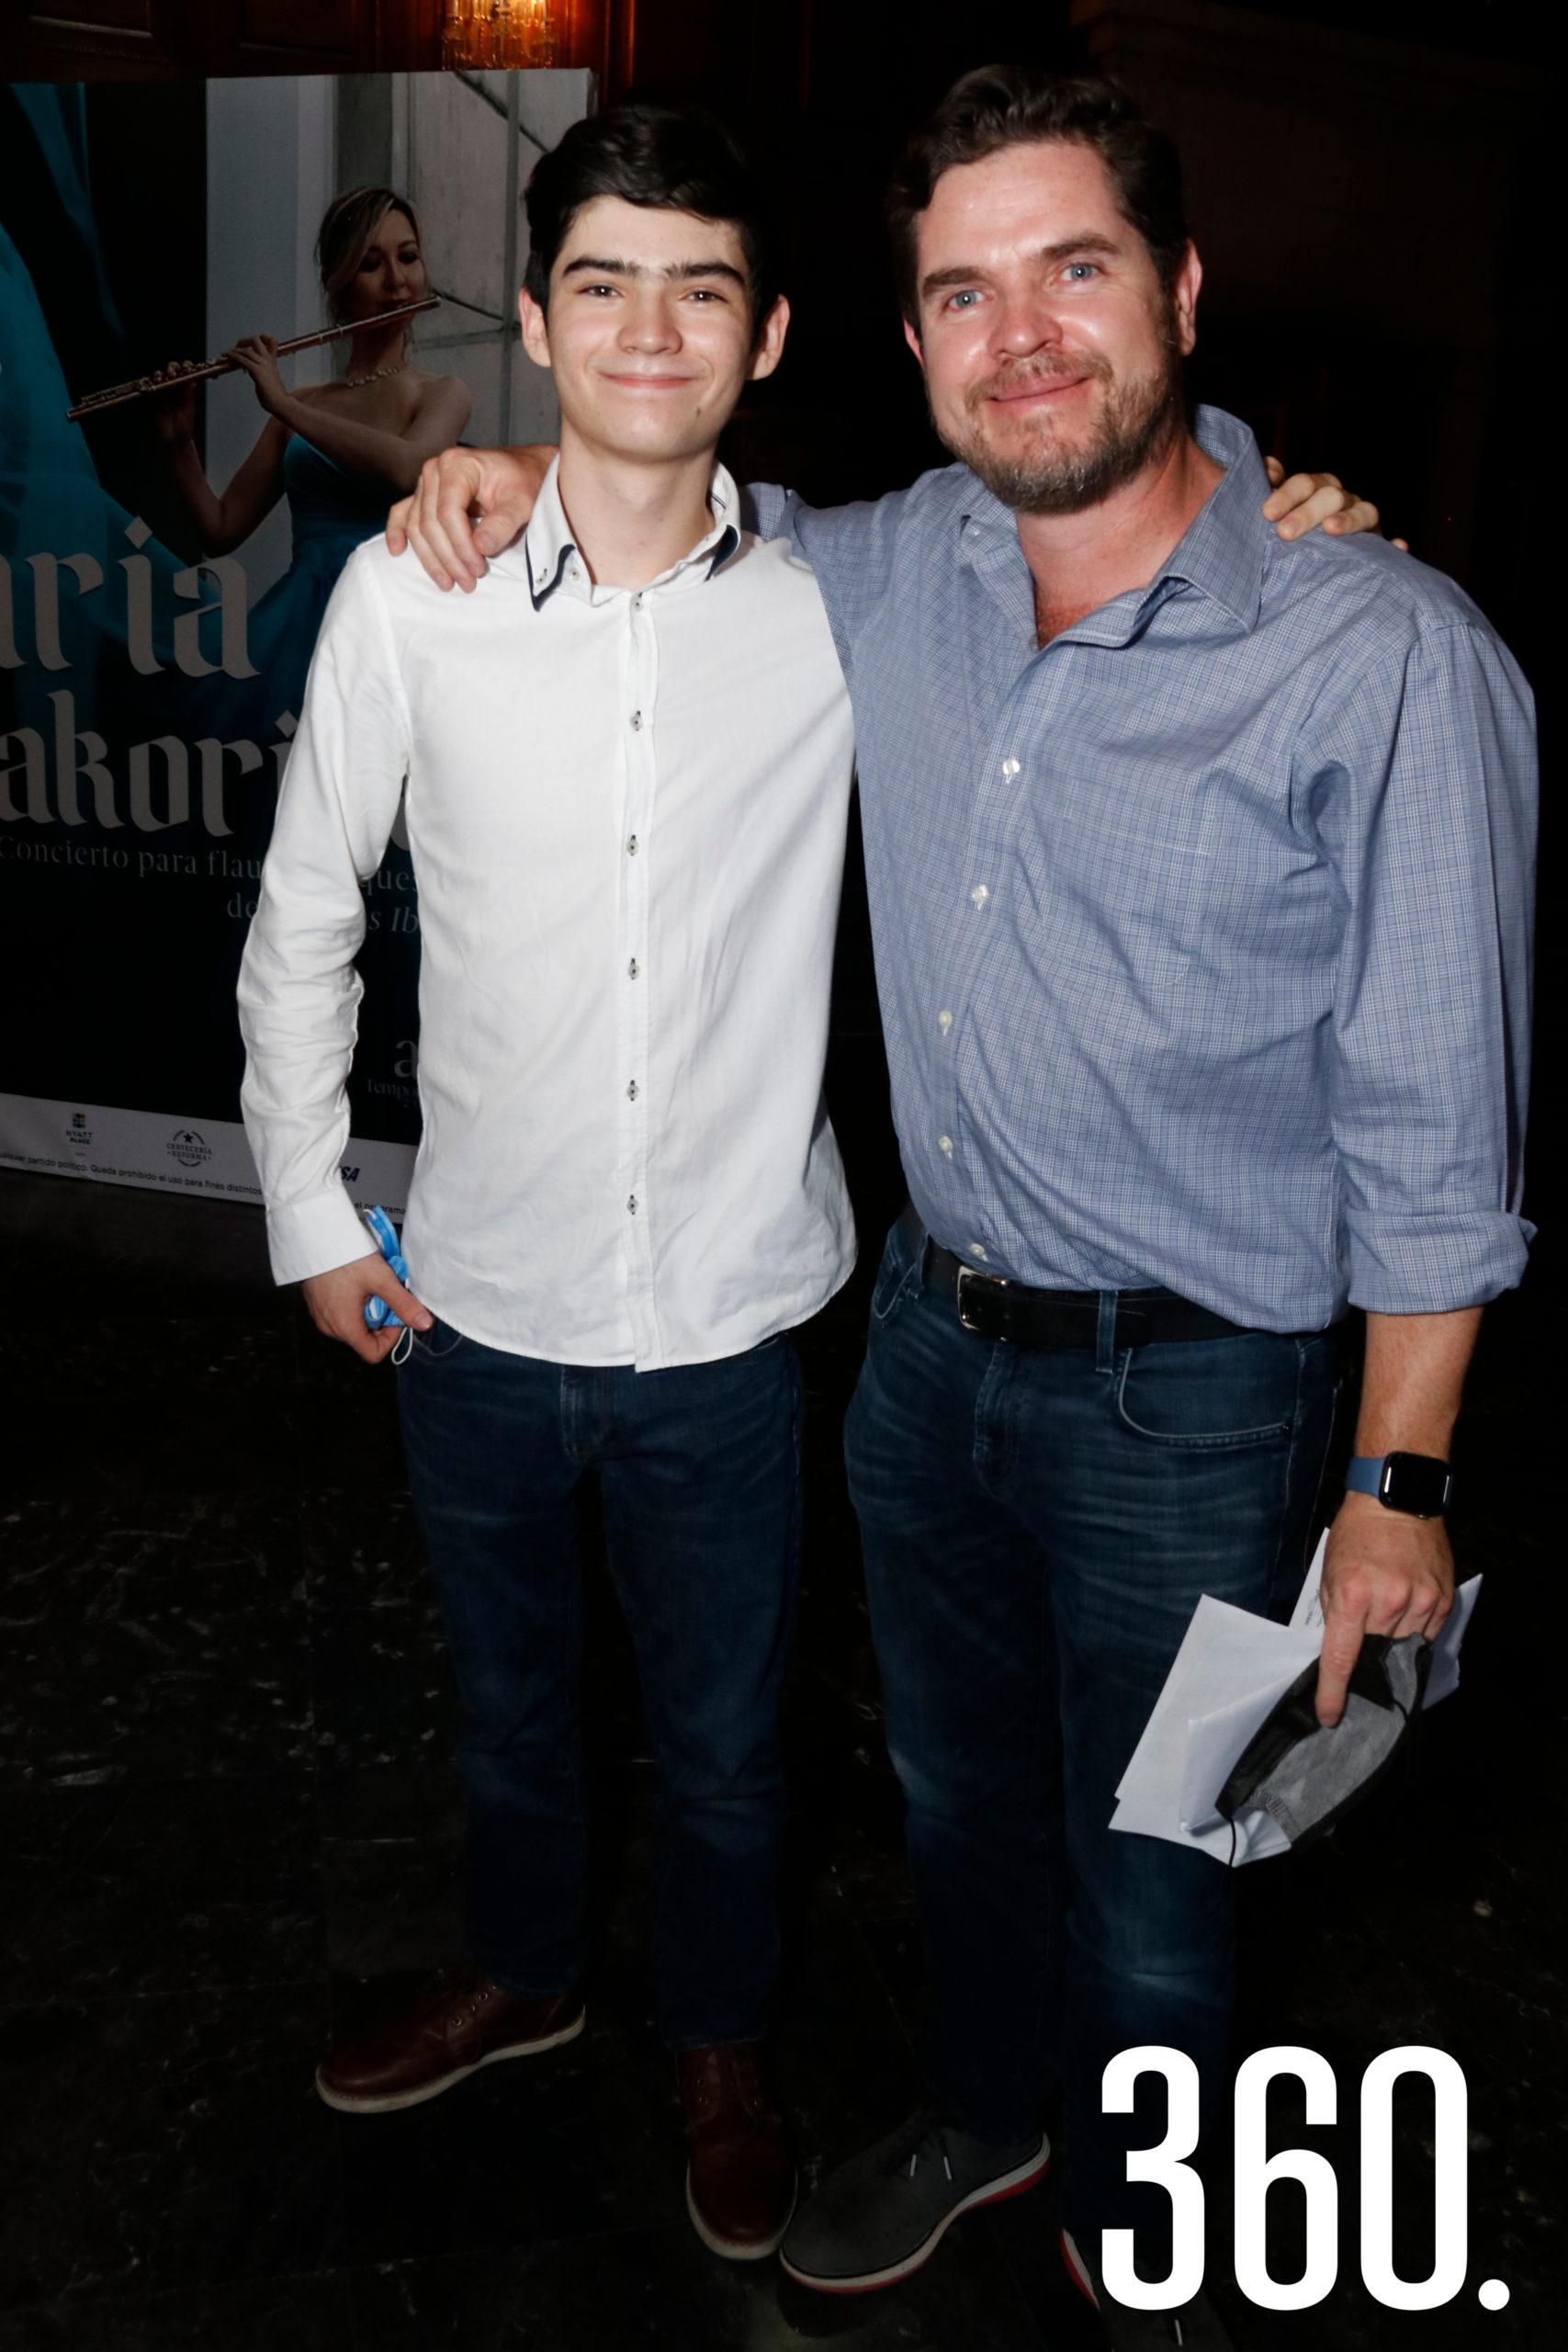 Santiago y Michael Clegg.